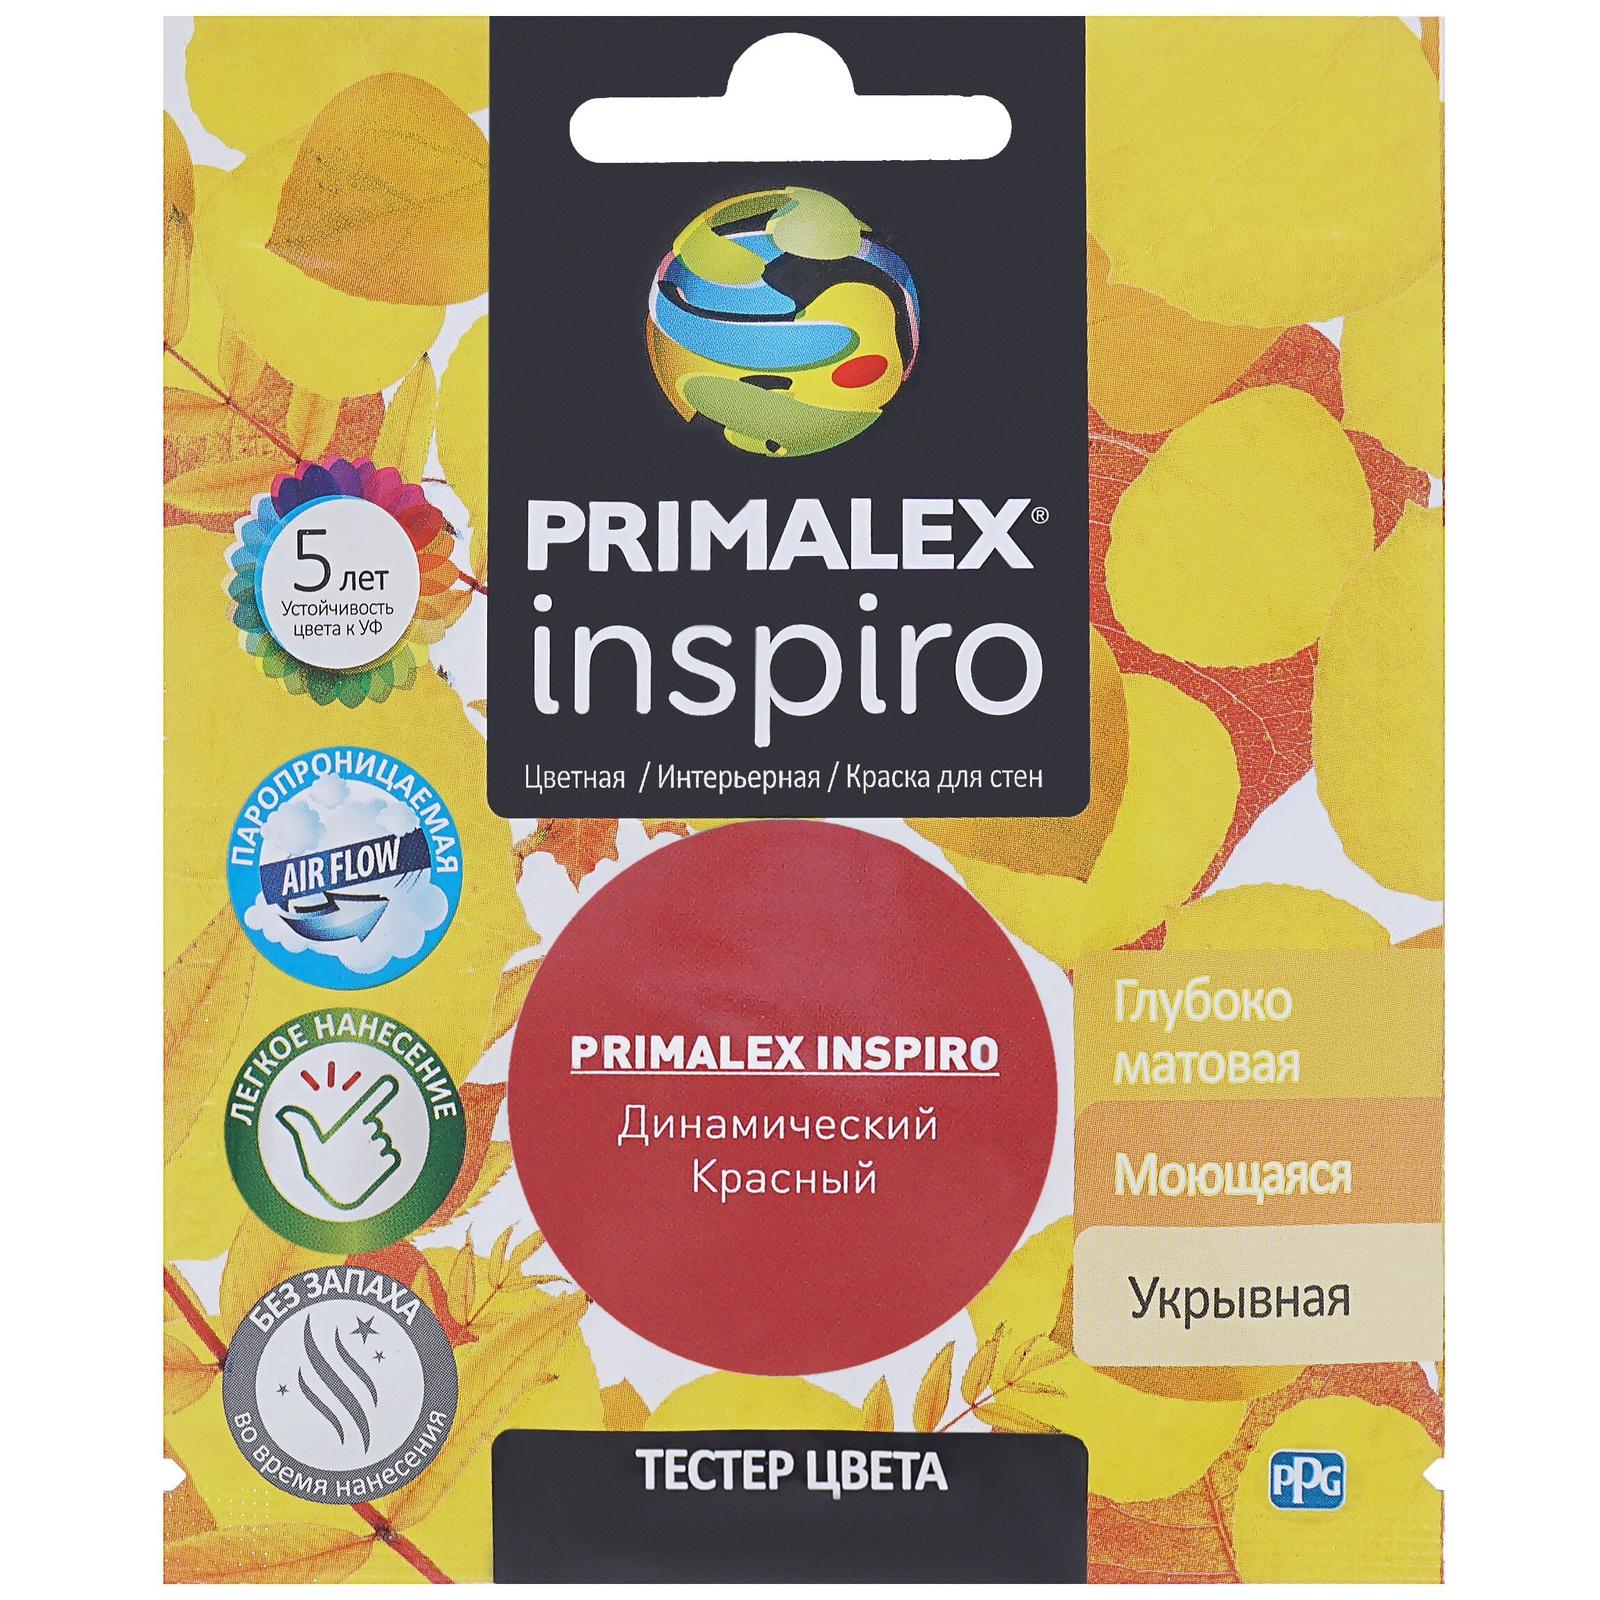 Краска PPG Primalex Inspiro Динамический Красный 40мл краска ppg primalex inspiro красный мак 40мл pmx i47